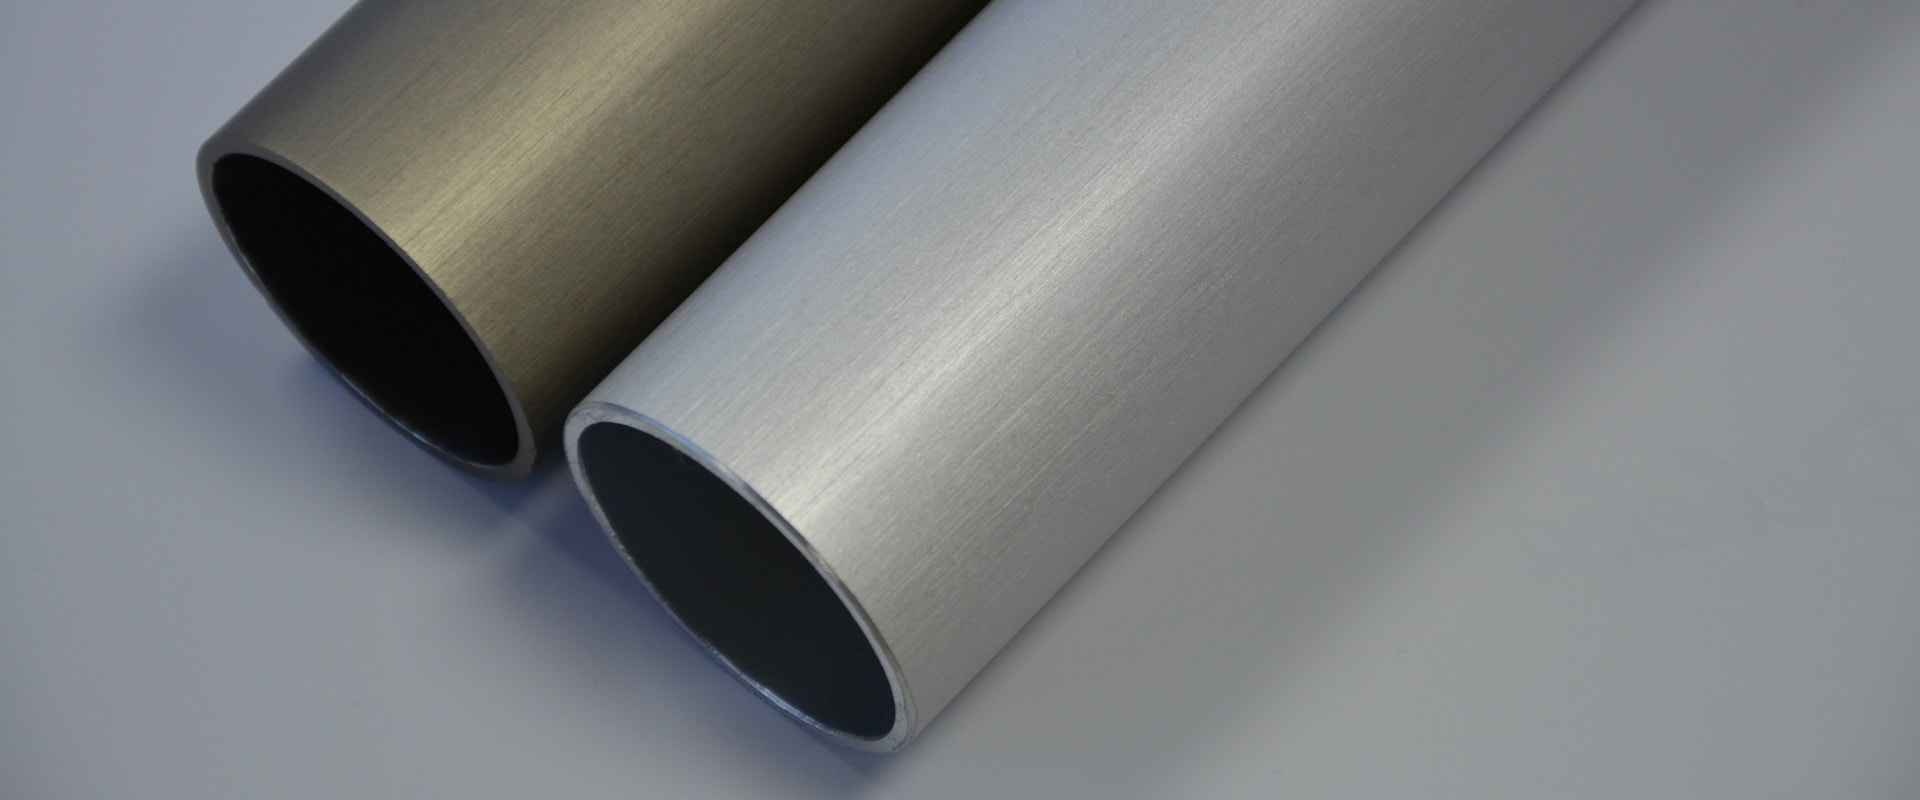 Häufig STRUWE ELOXAL - Die Aluminium Veredler - Startseite XR01